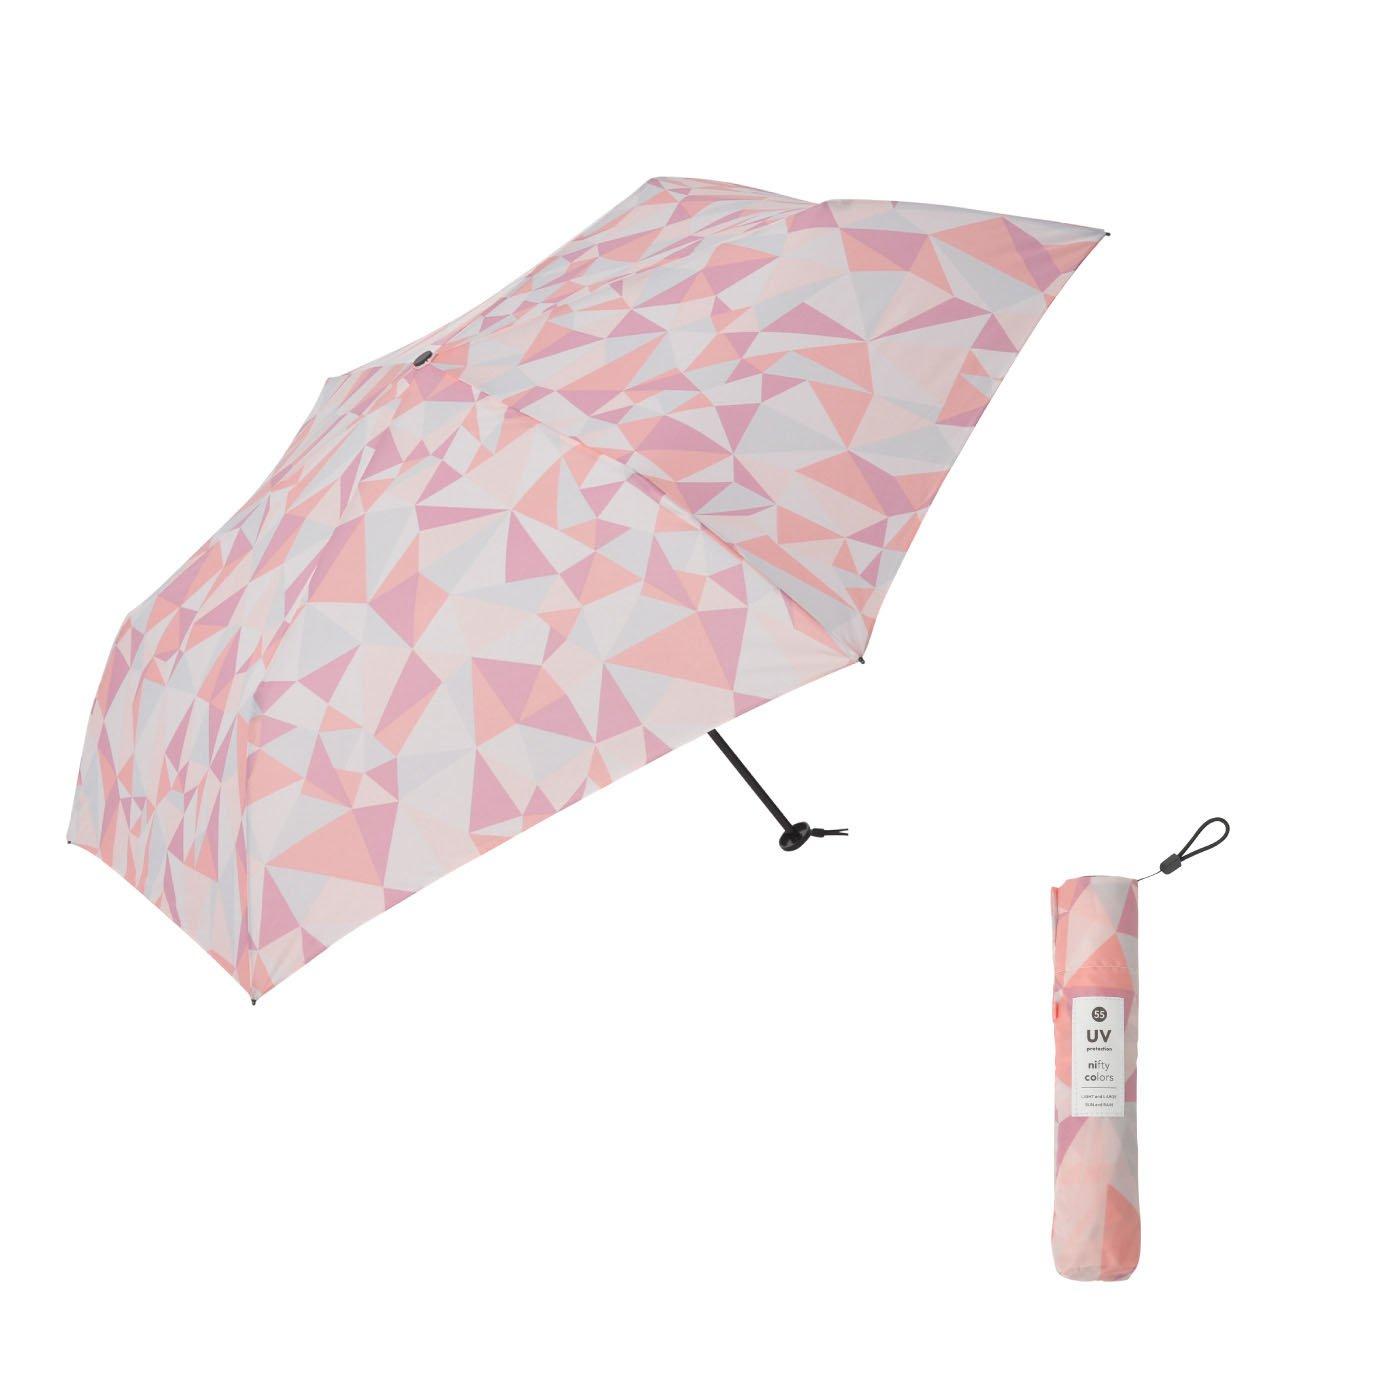 たたんでコンパクト!ちょっと大きめ55cmのジオメトリック晴雨兼用傘